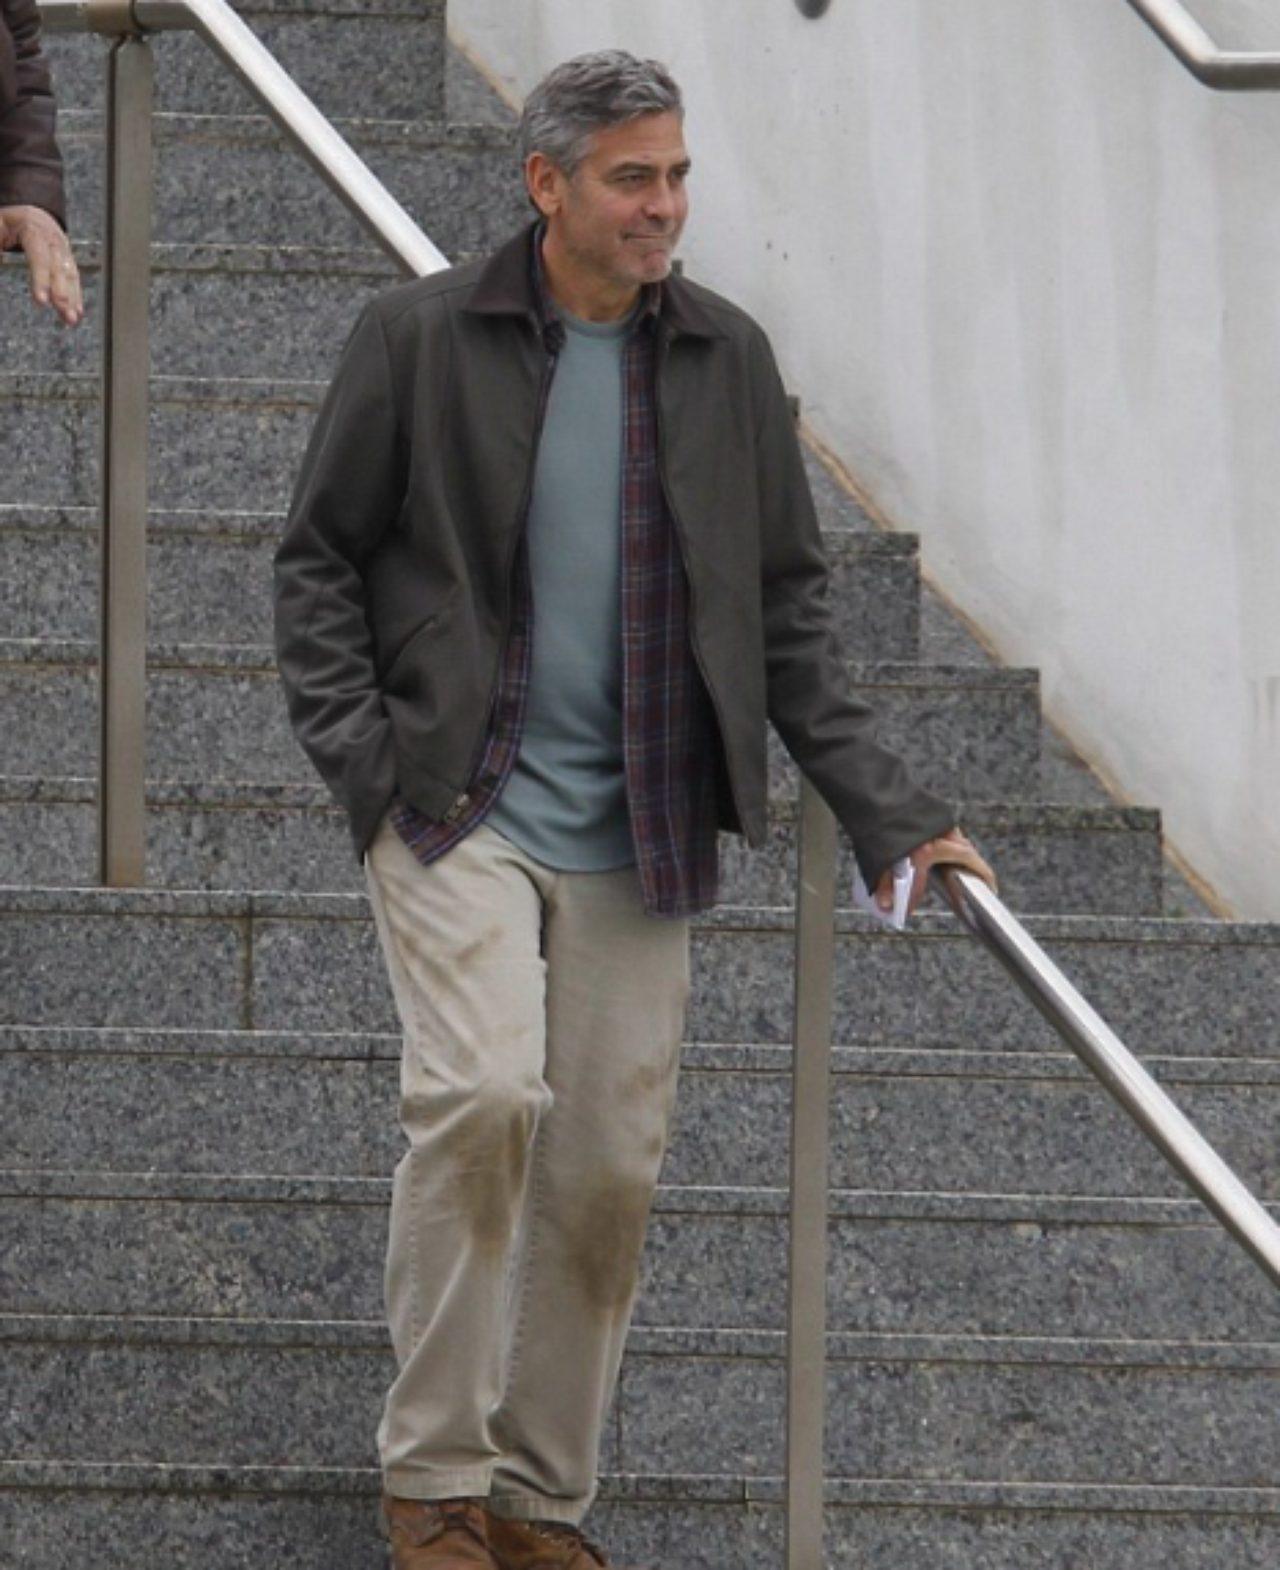 画像: 膝どうした。 i.dailymail.co.uk